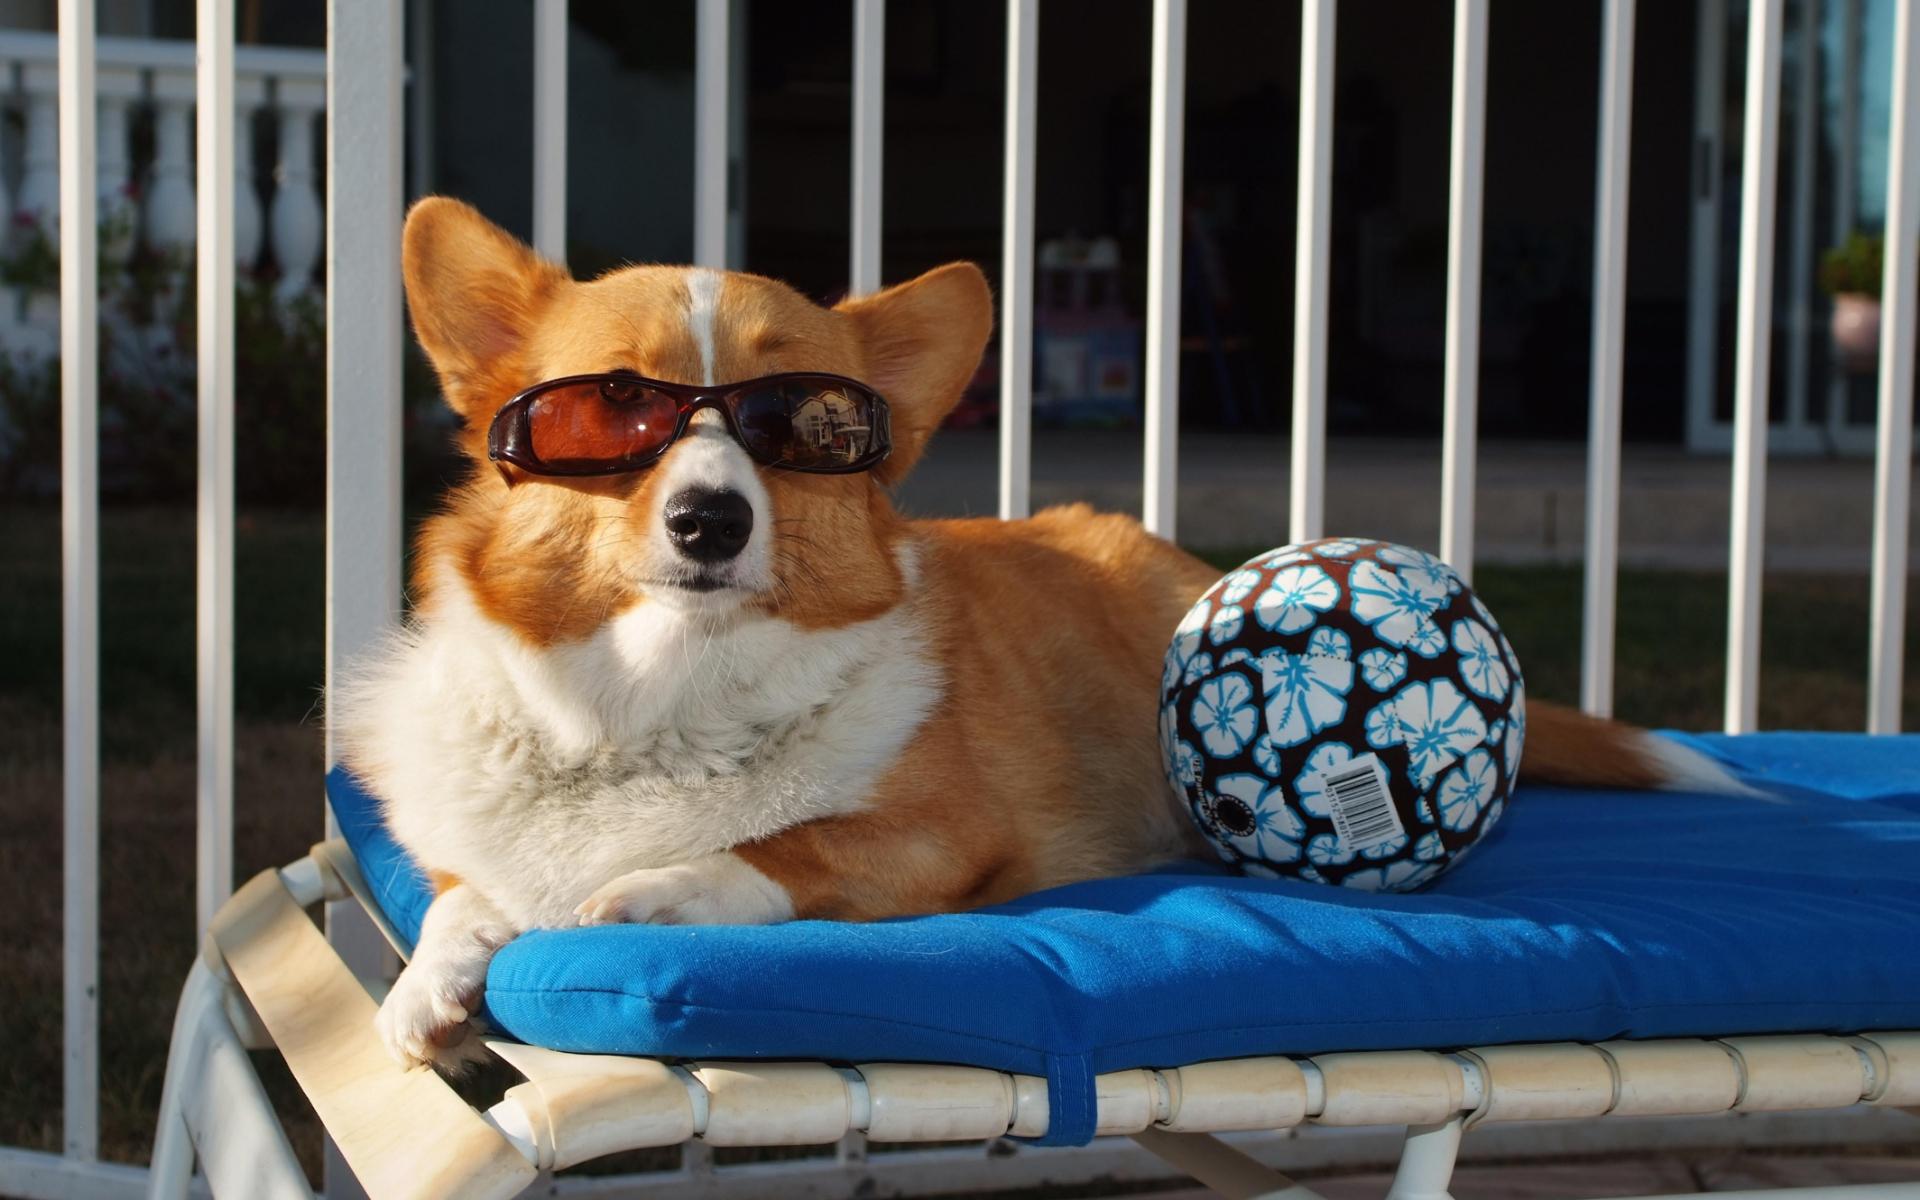 Image: Dog, glasses, ball, lies